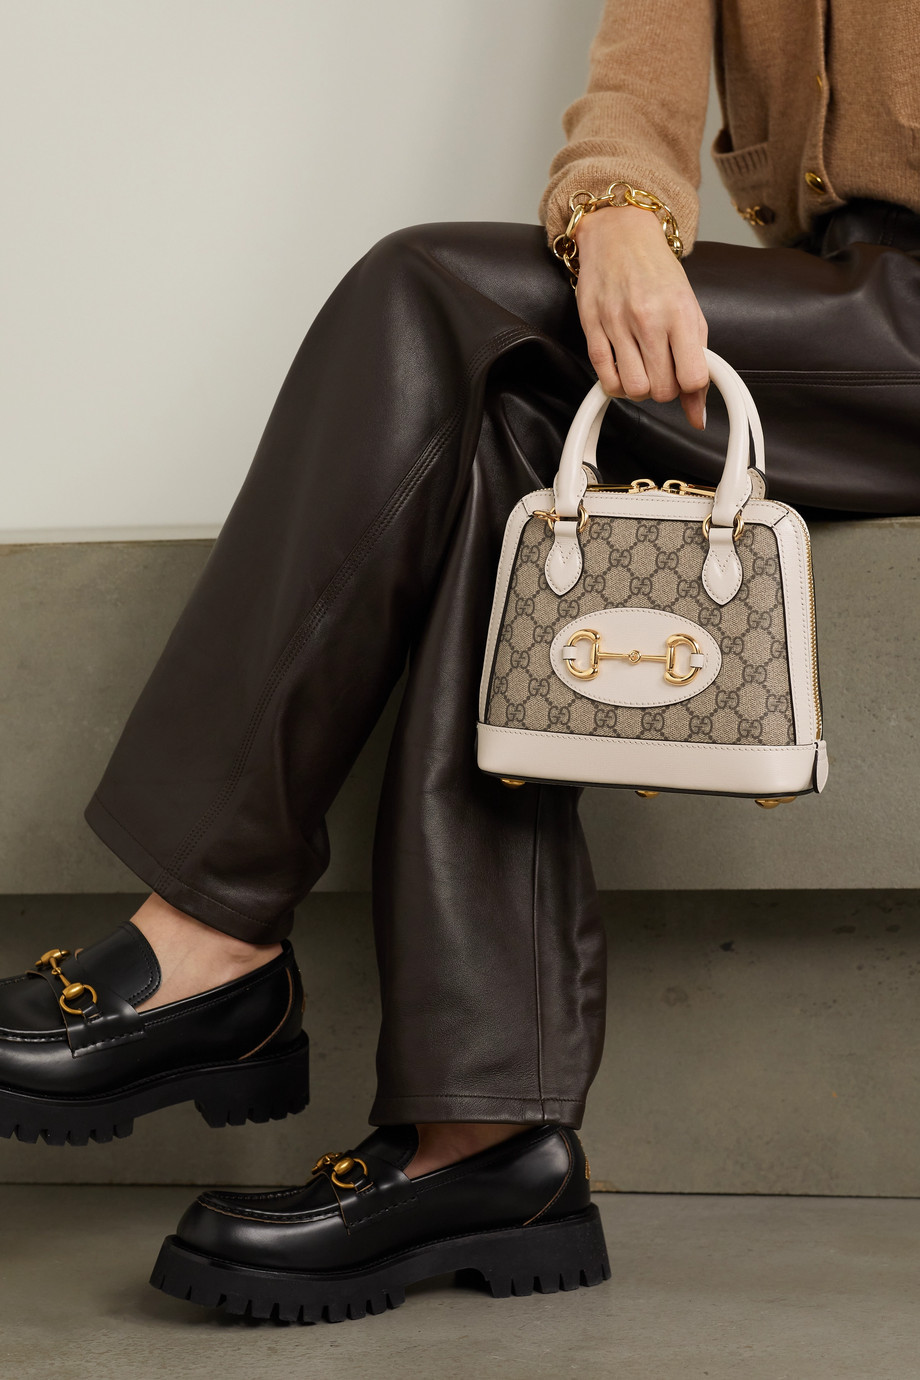 Gucci Sac à main en toile enduite imprimée à finitions en cuir 1955 Horsebit Mini